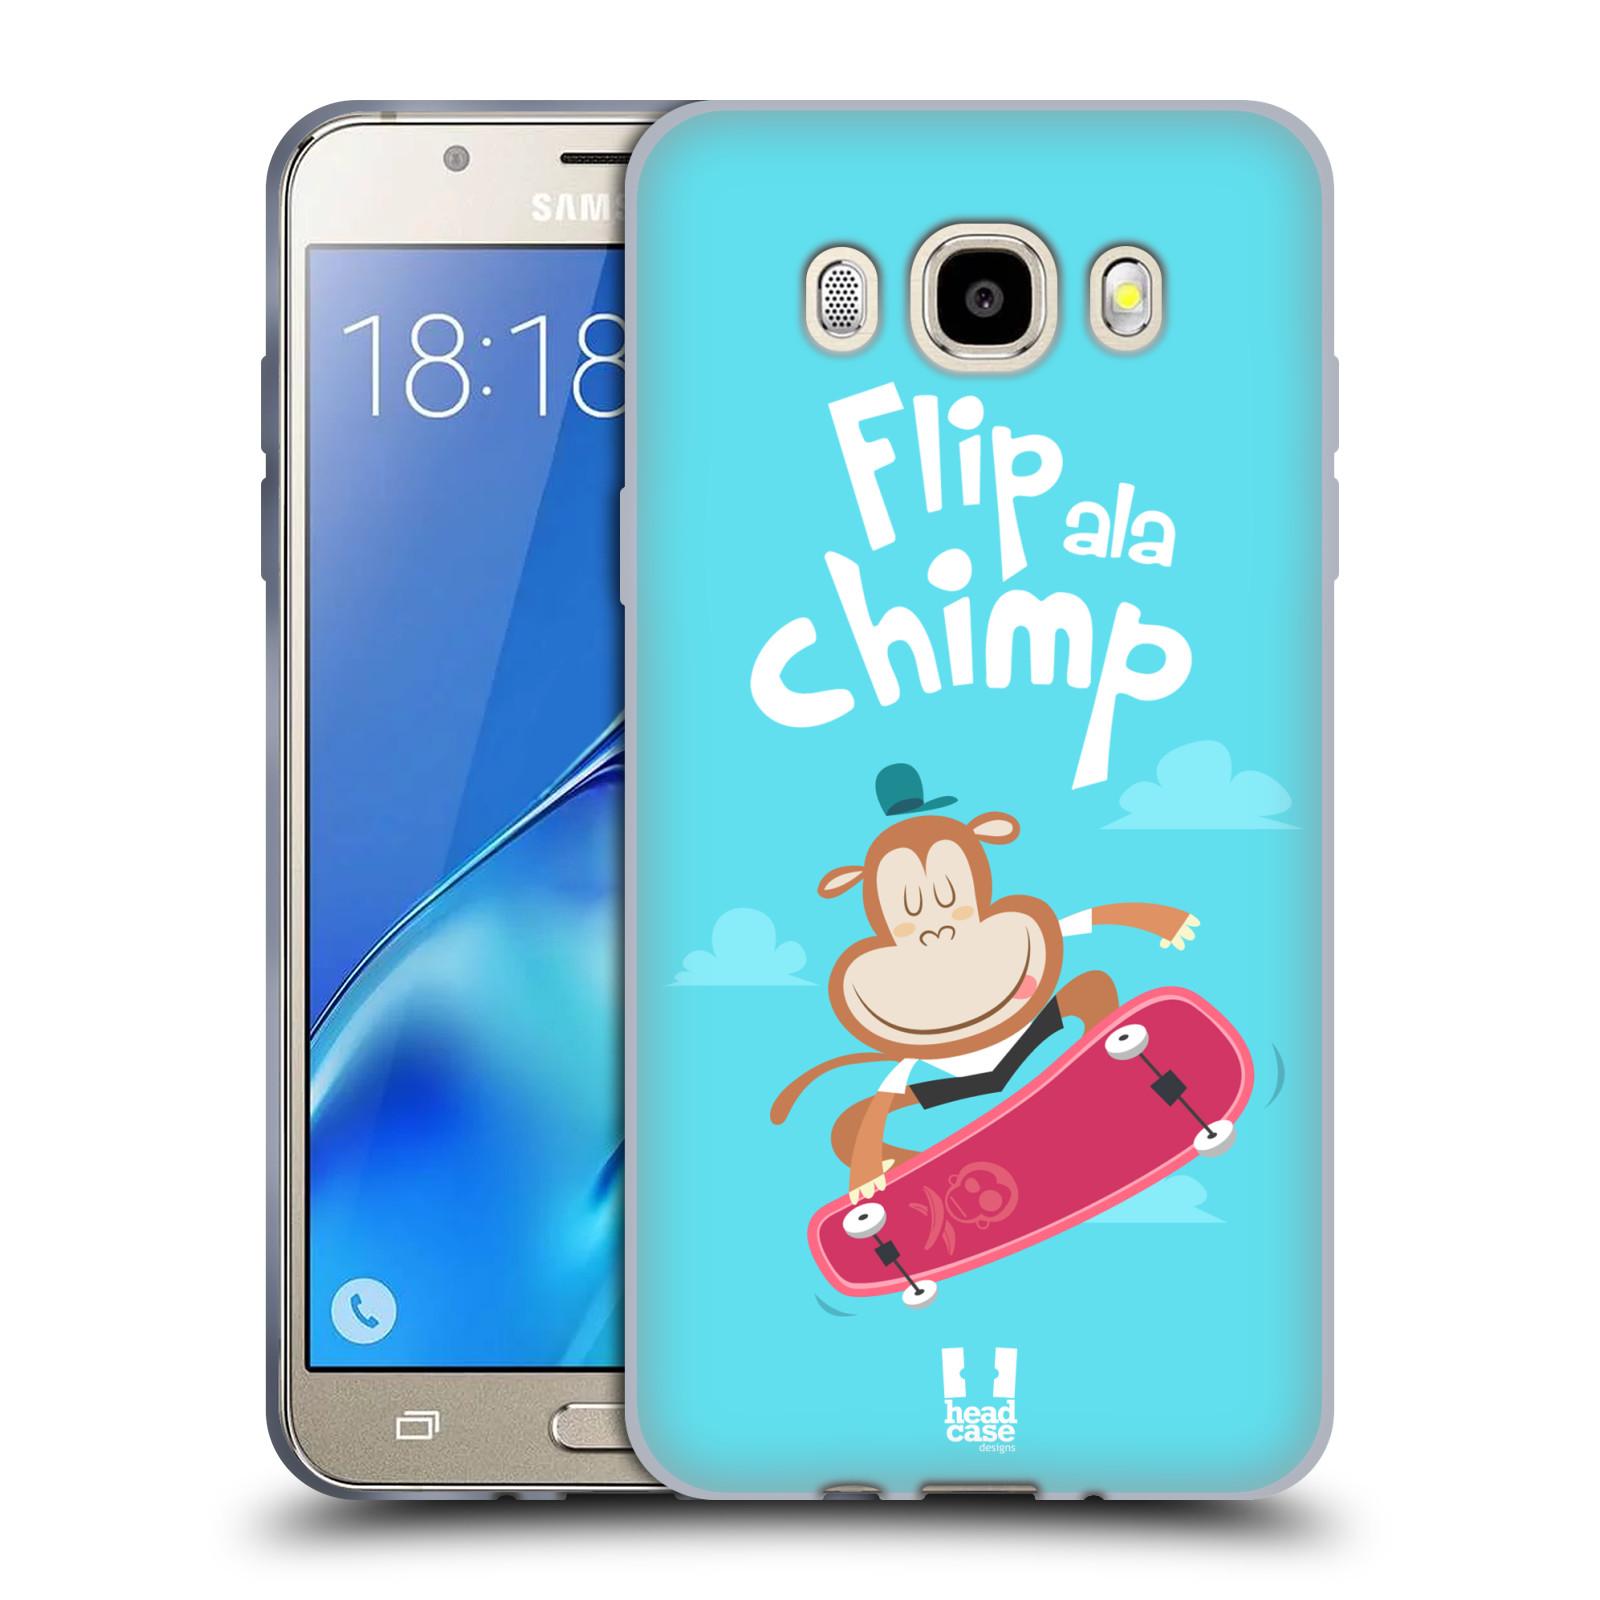 HEAD CASE silikonový obal, kryt na mobil Samsung Galaxy J5 2016, J510, J510F, (J510F DUAL SIM) vzor Zvířátka atleti opice